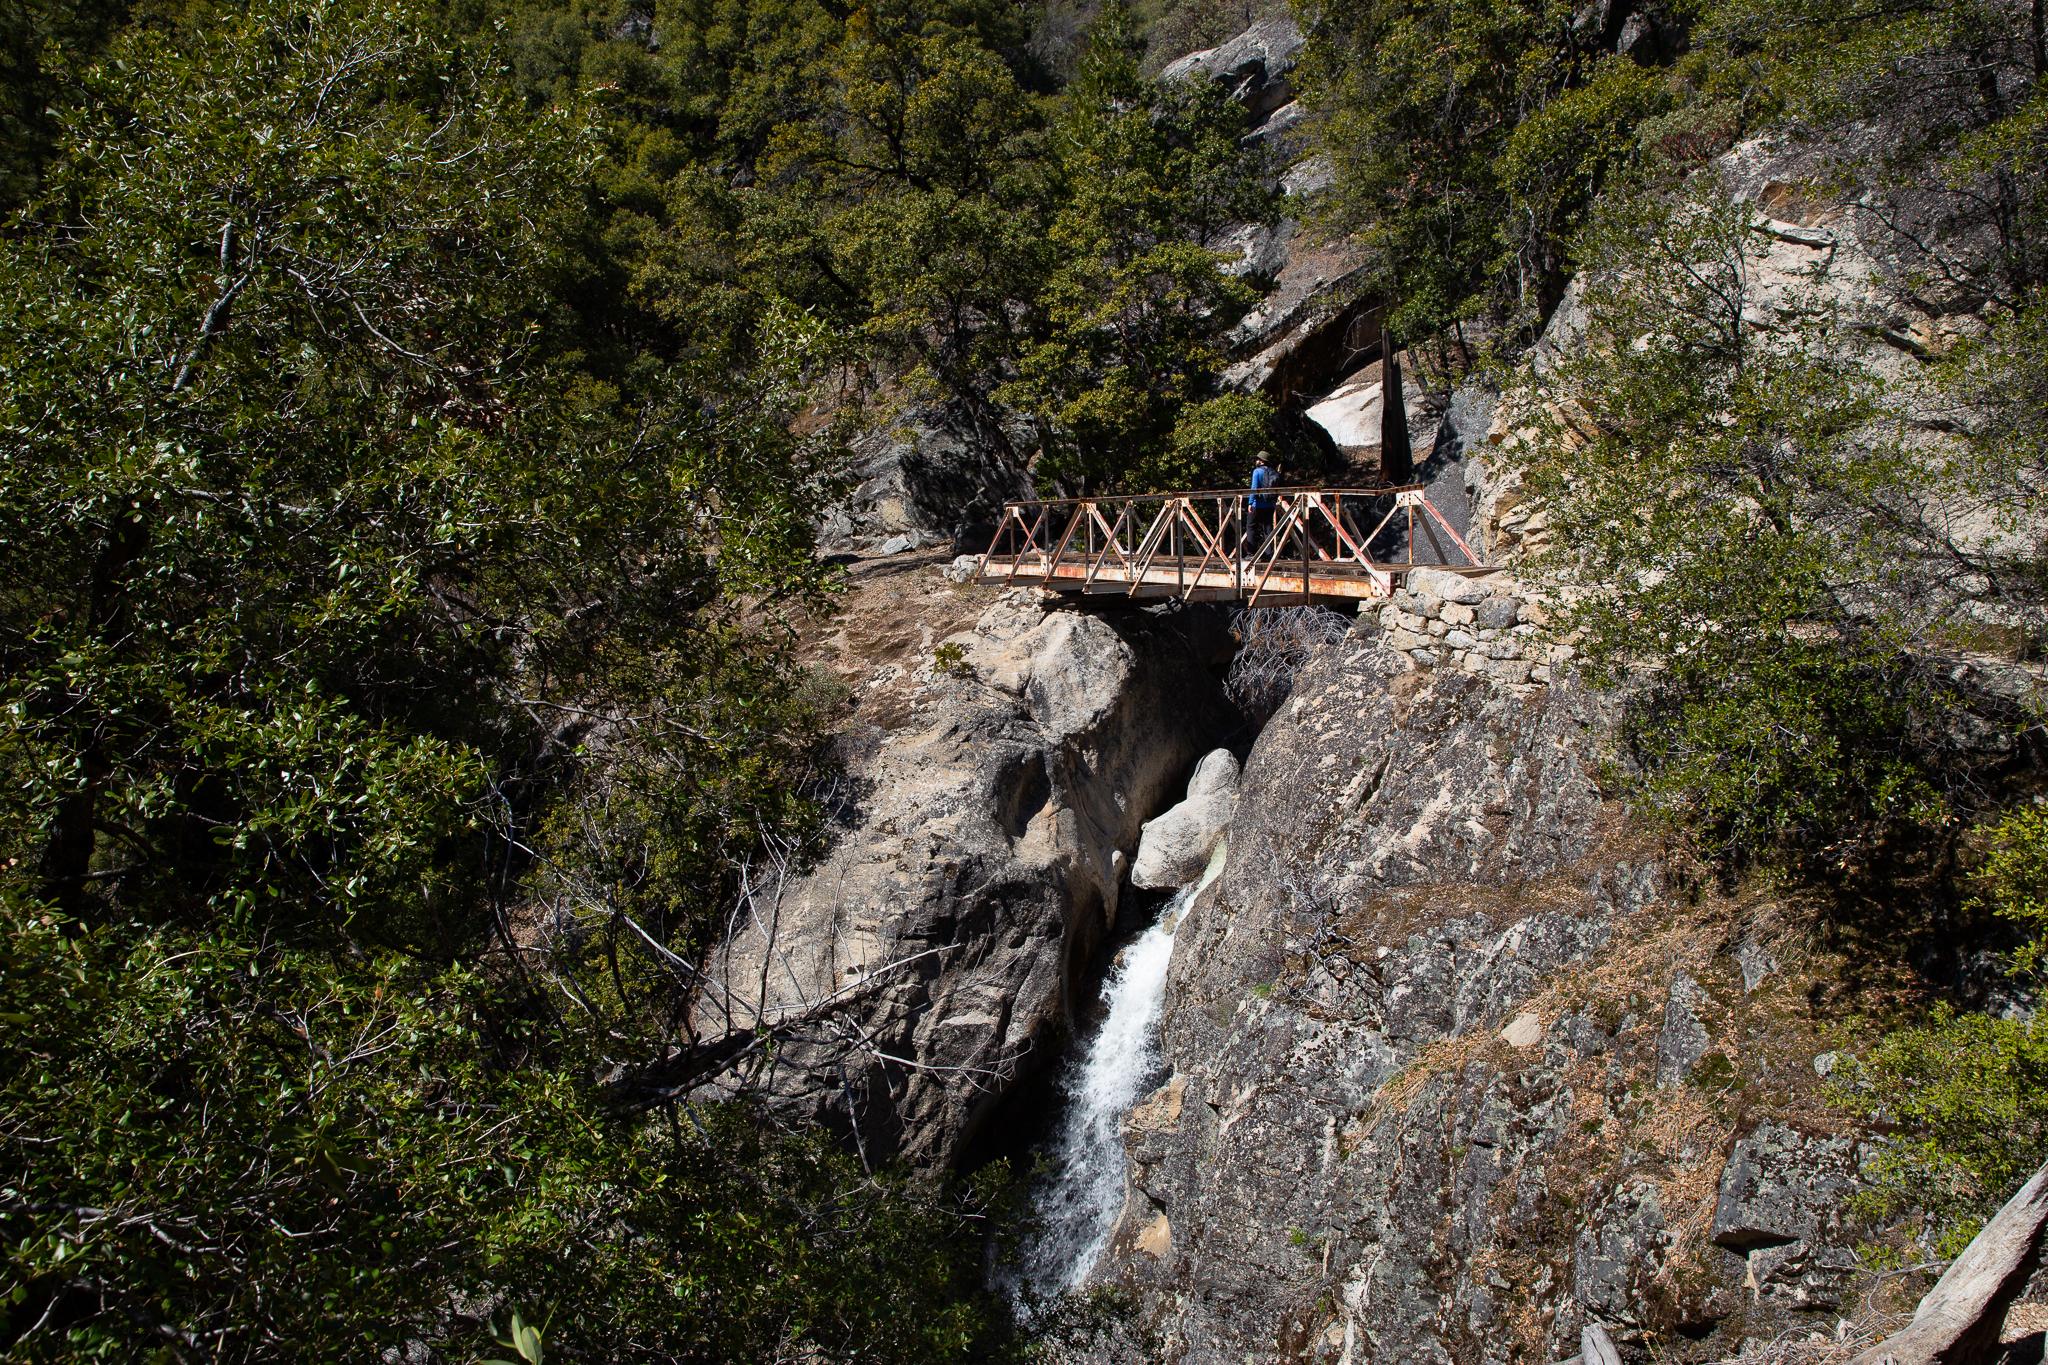 Wapama Falls Hike